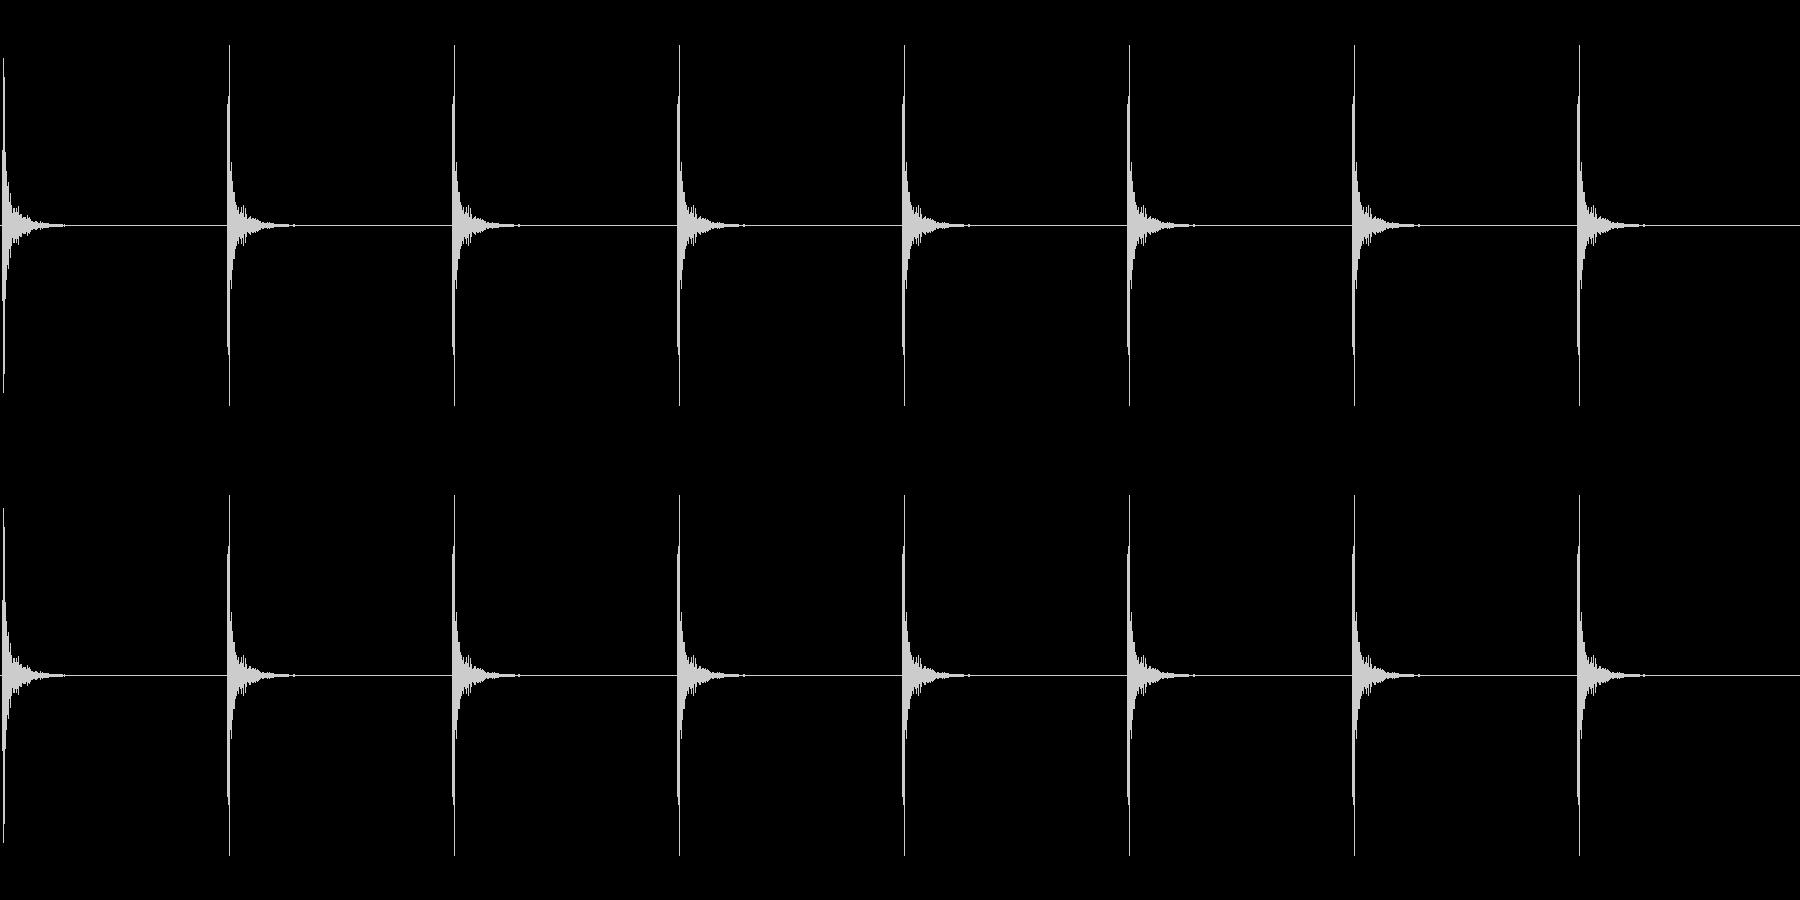 ドラムスティック/シンキングタイムその1の未再生の波形